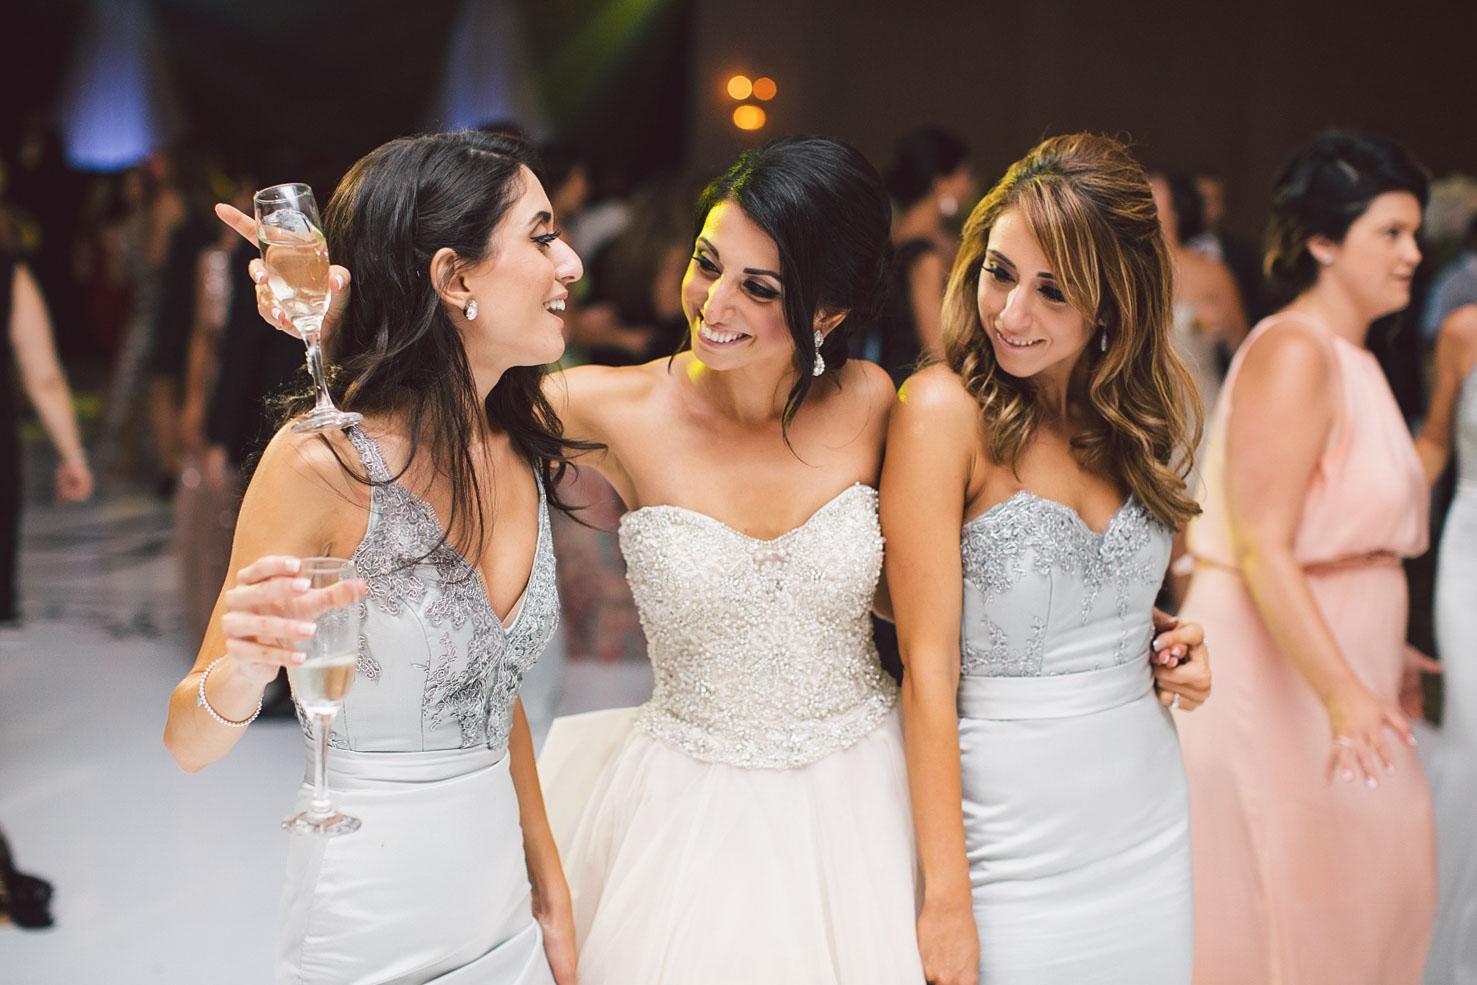 hazilton manor wedding party